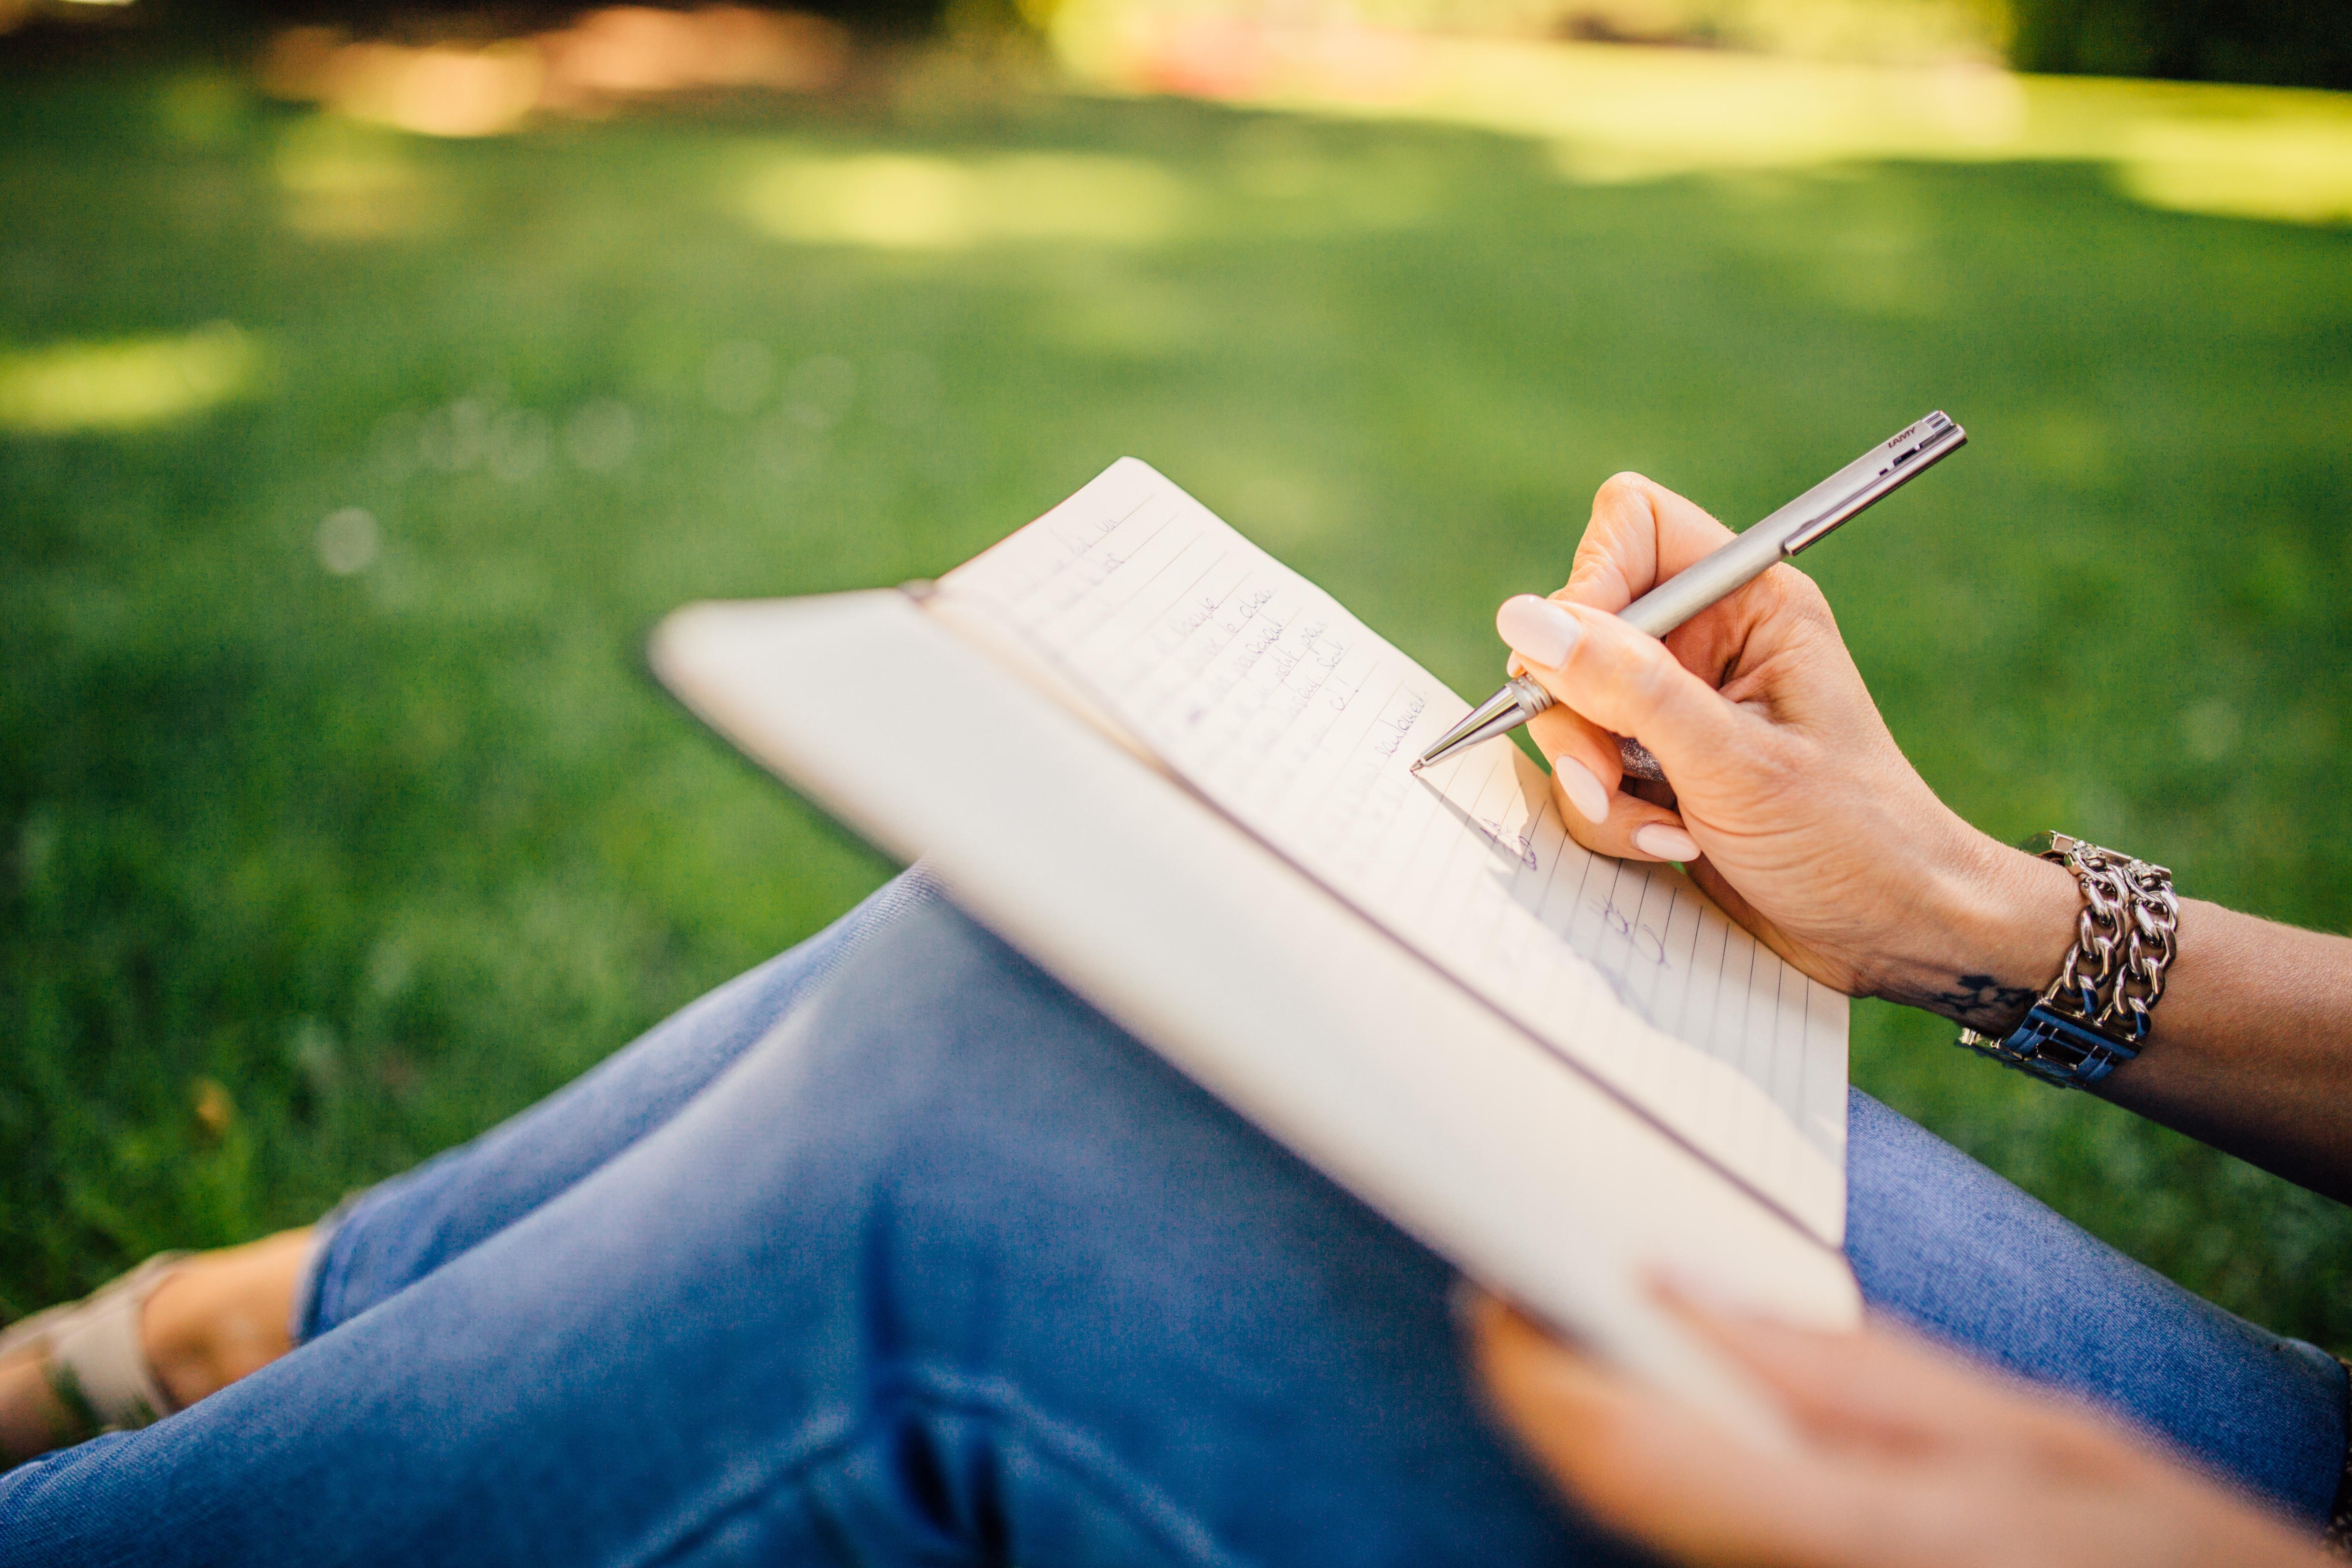 【ES対策】就活で失敗しないための自己PRの書き方のコツと例文